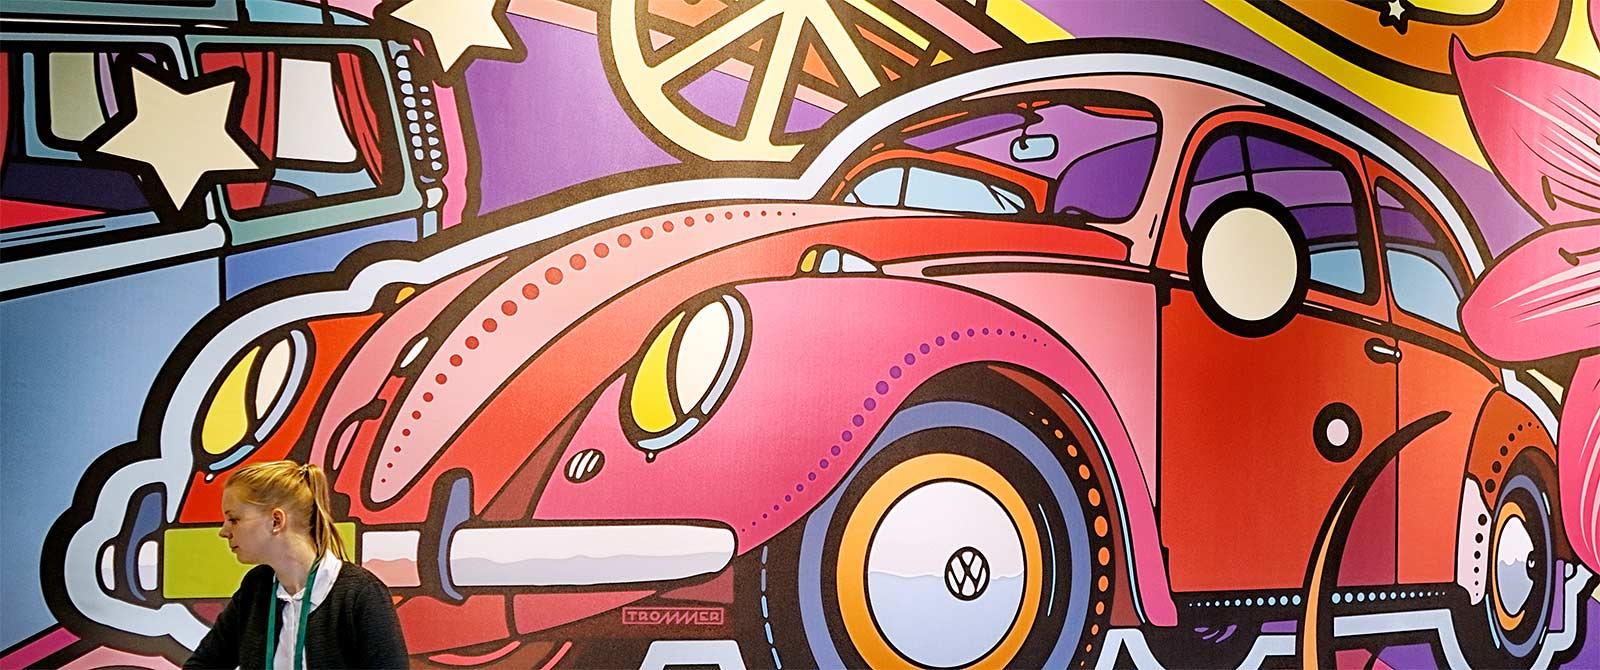 trommer volkswagen ausstellung automuseum wand